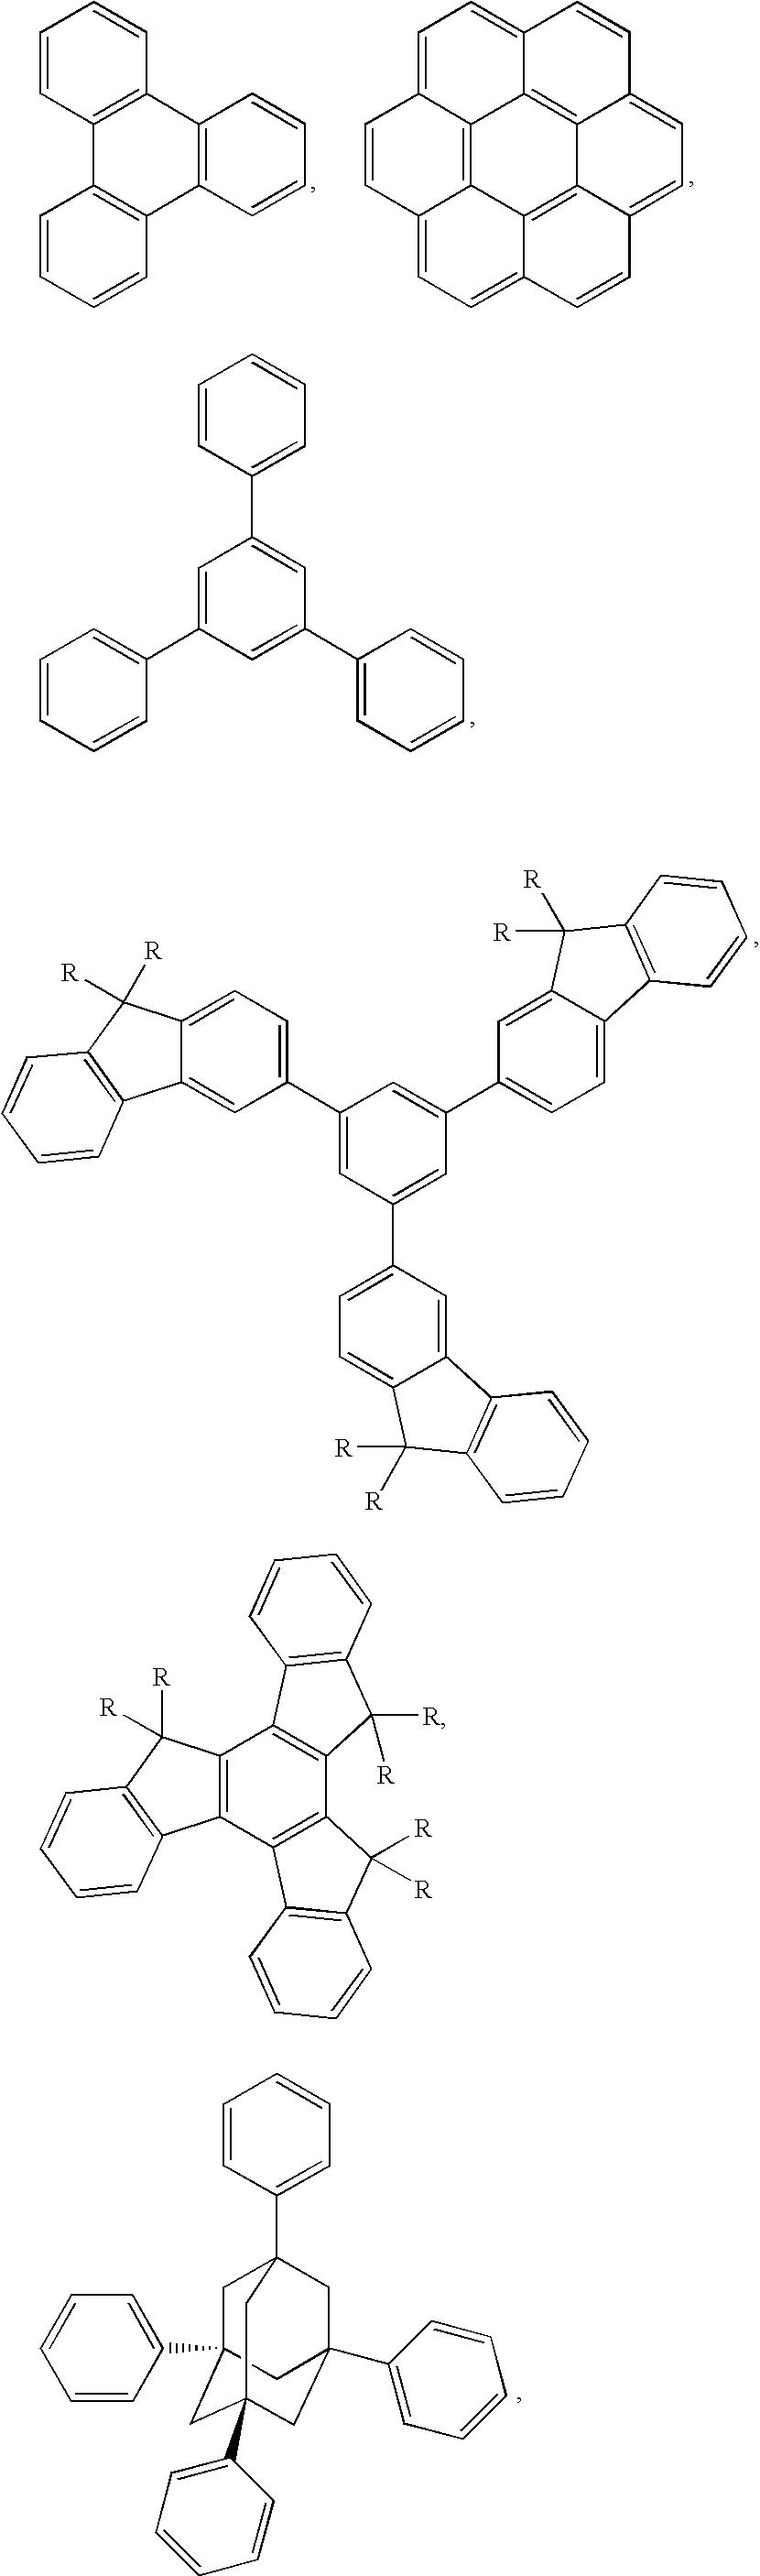 Figure US20070107835A1-20070517-C00007